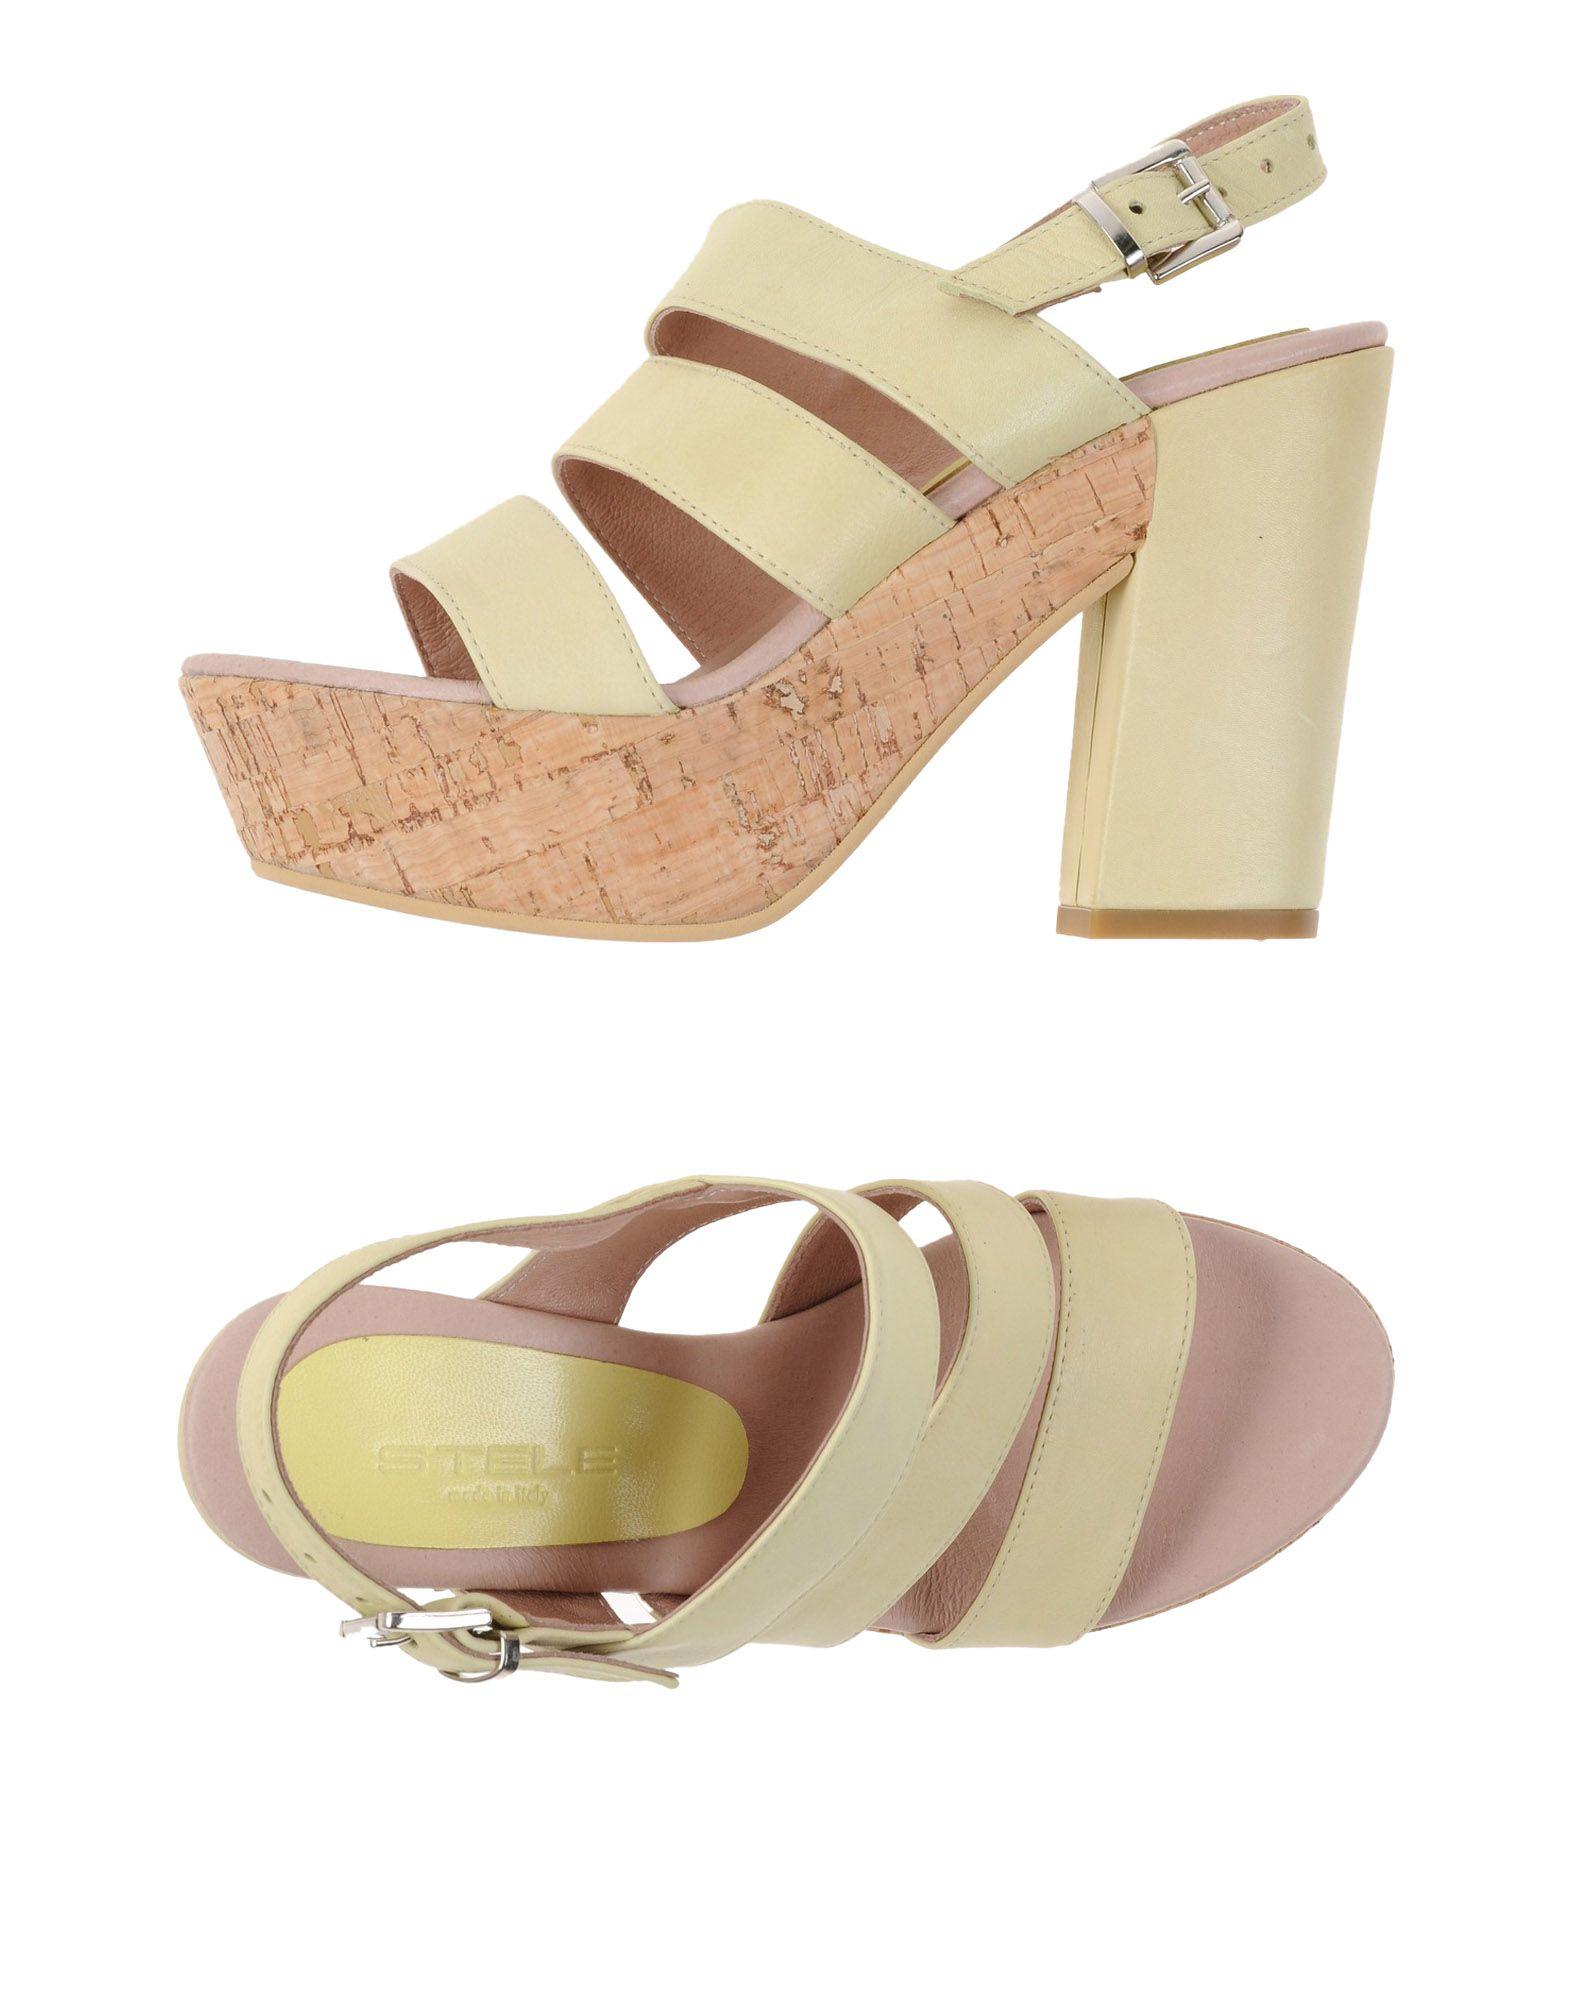 Stele Sandalen Damen  11118437UV Gute Qualität beliebte Schuhe